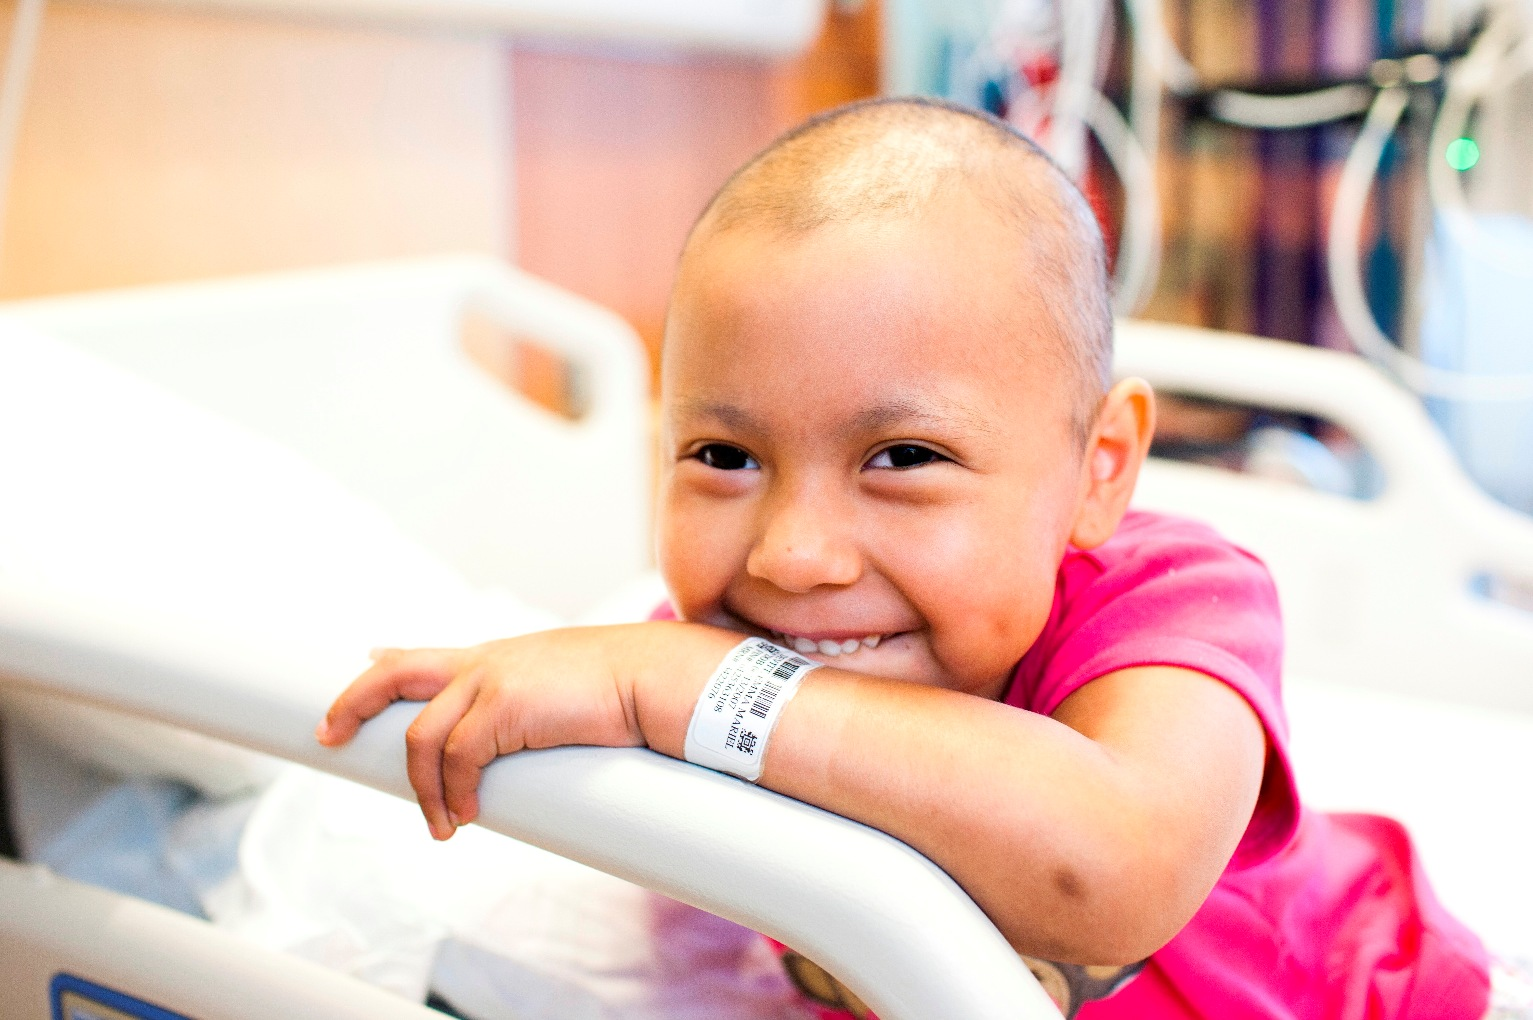 عوارض جانبی شیمی درمانی در کودکان